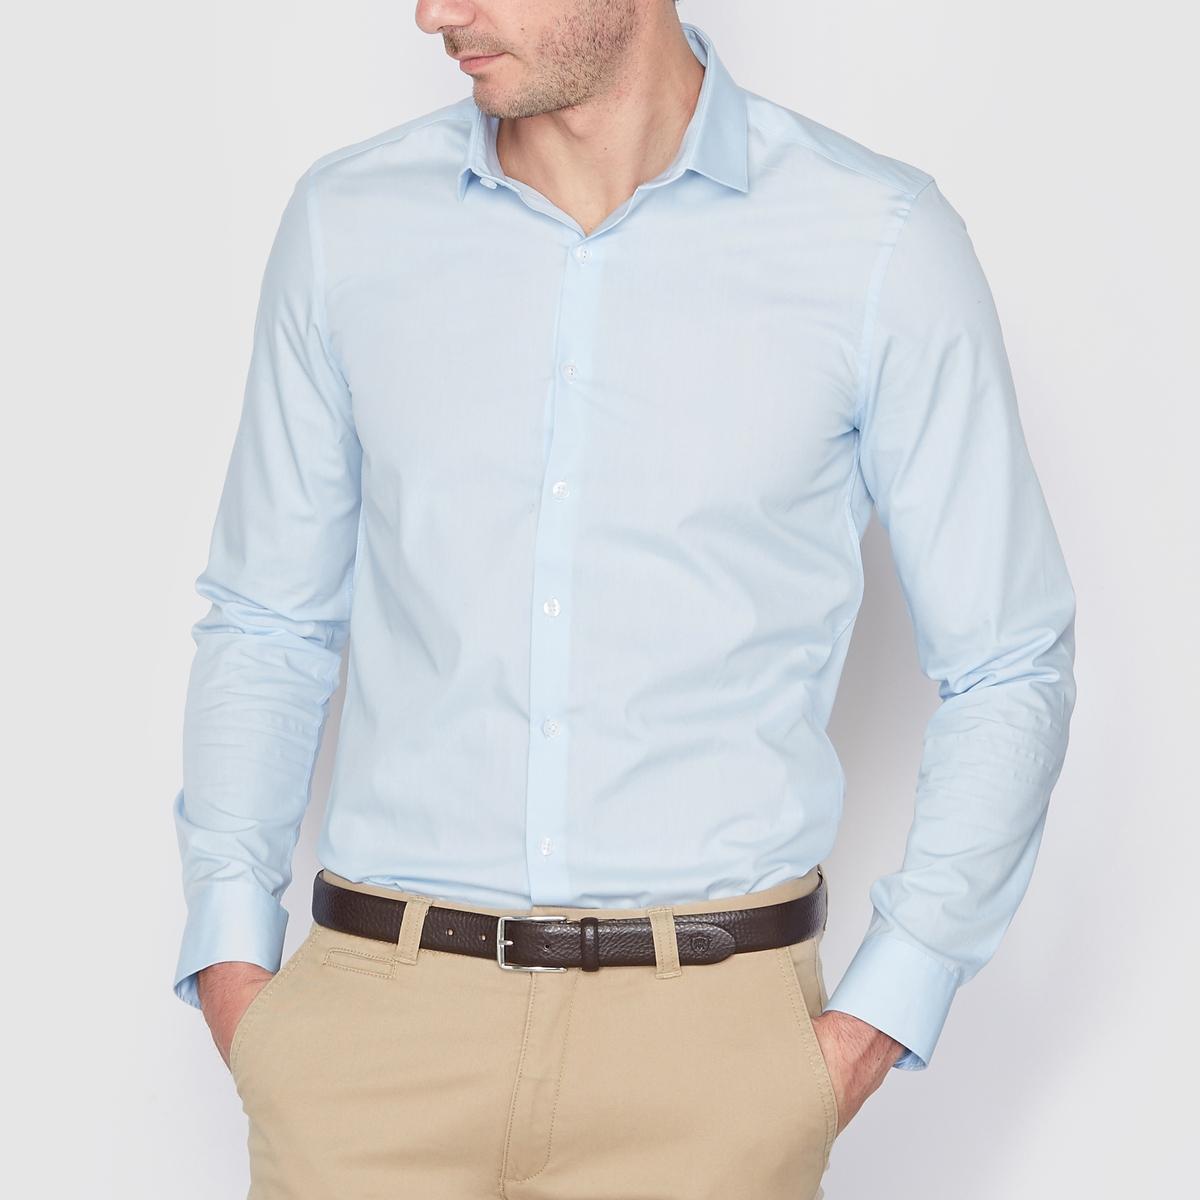 Рубашка узкого покроя 100% хлопка